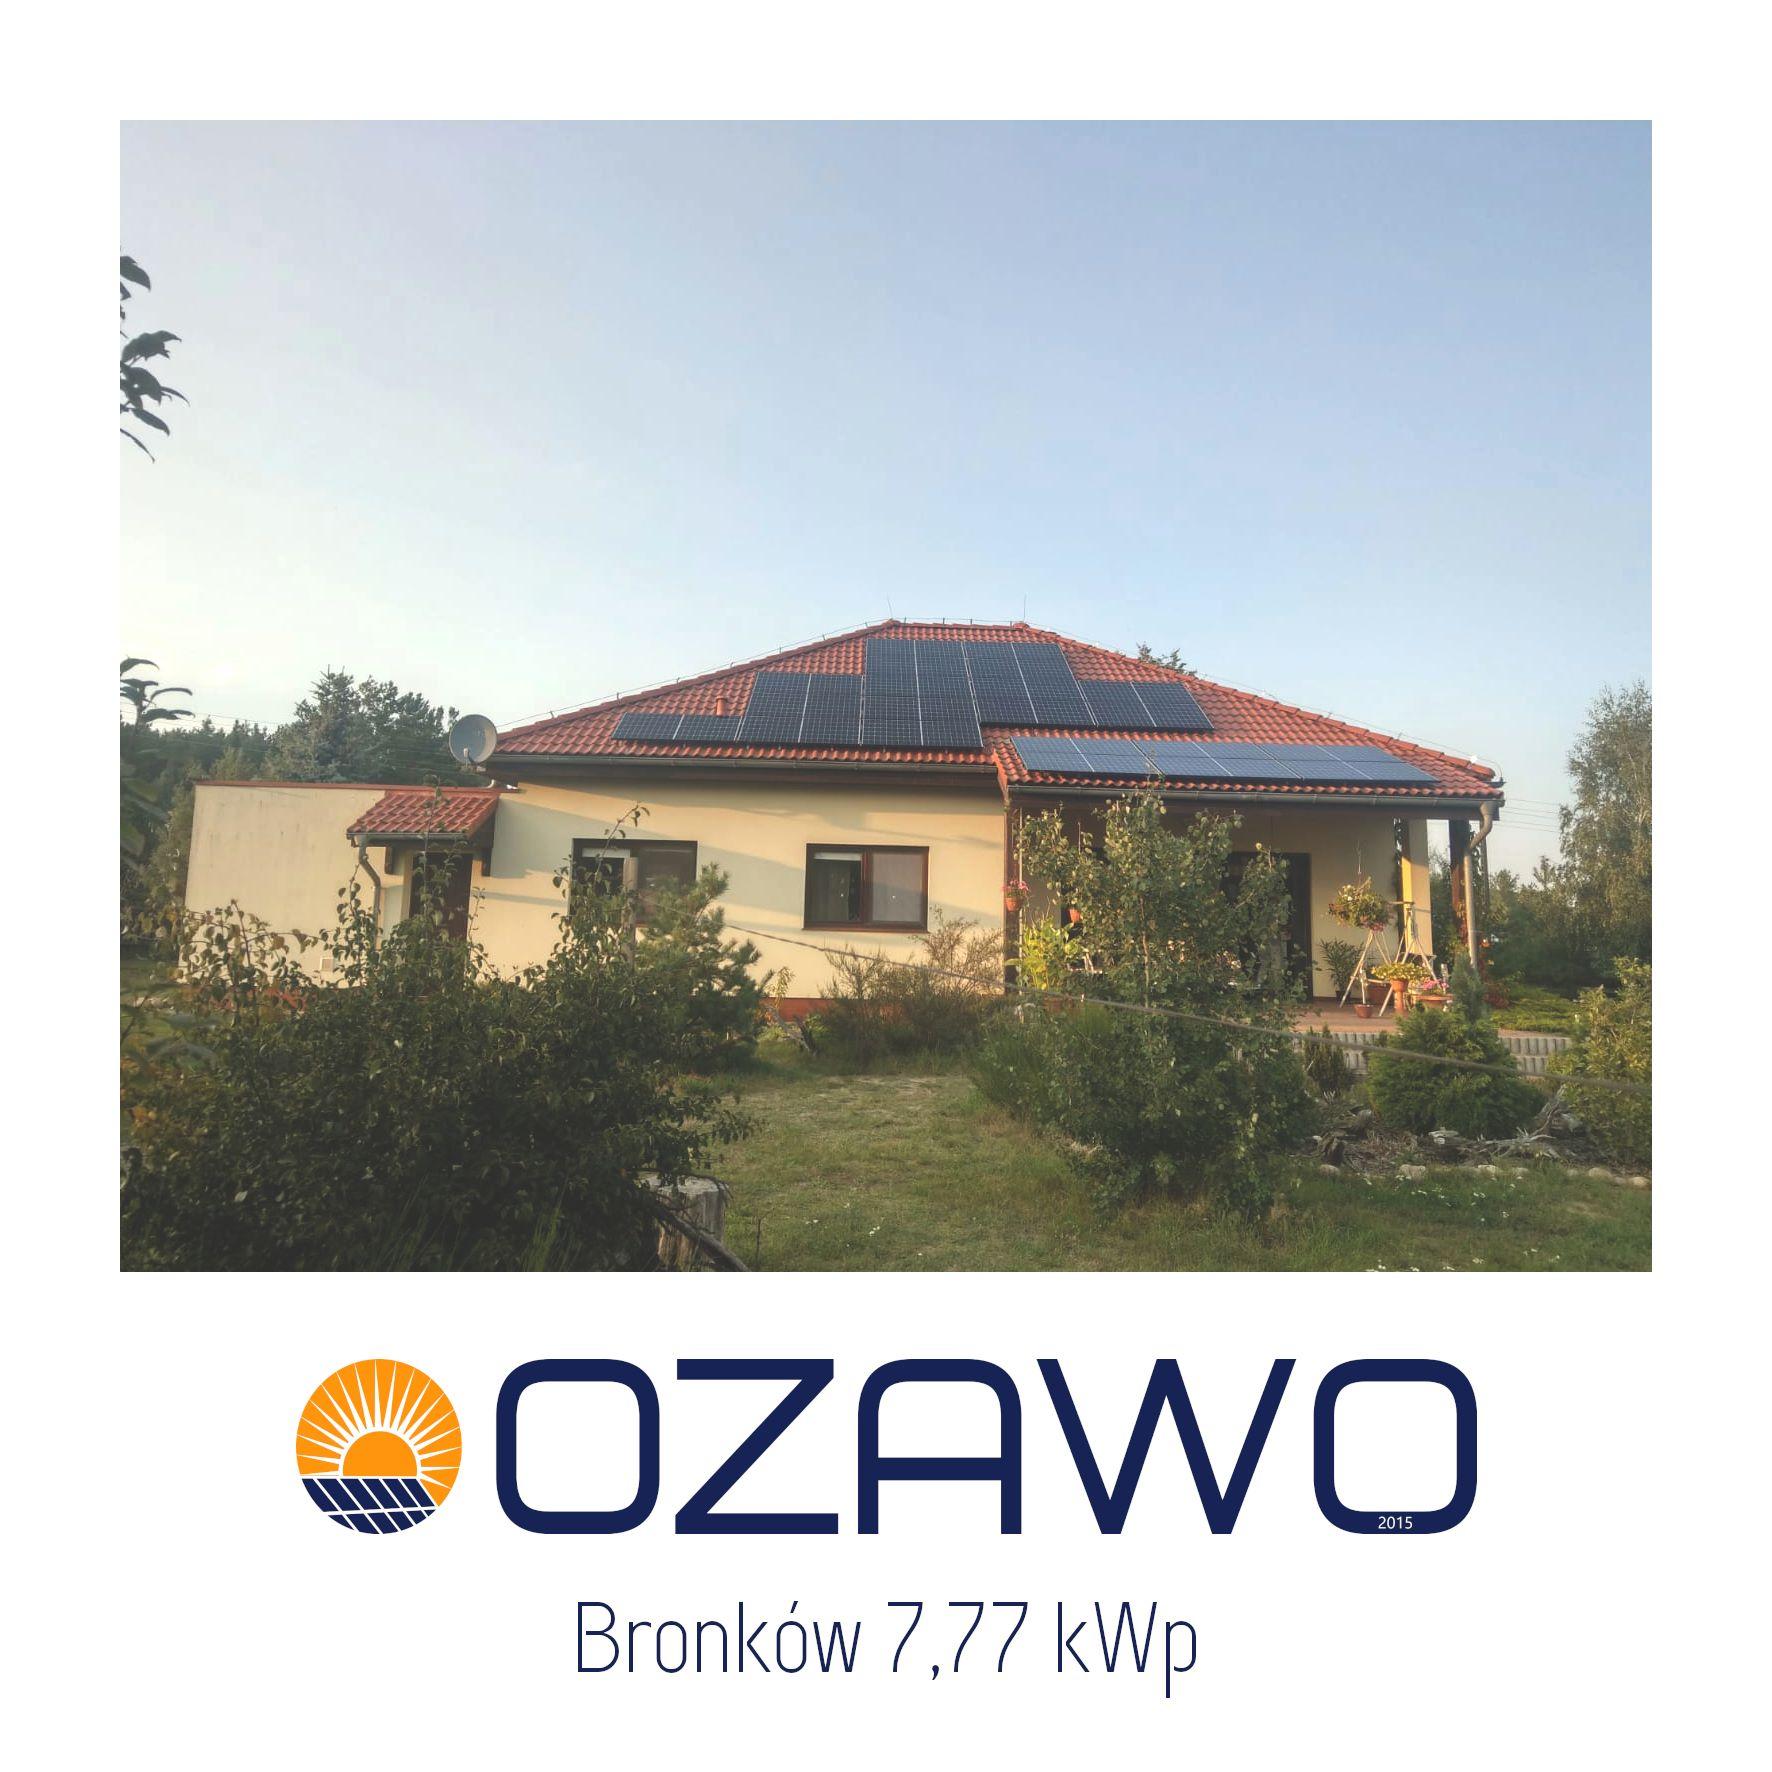 Bronków 7,77 kWp